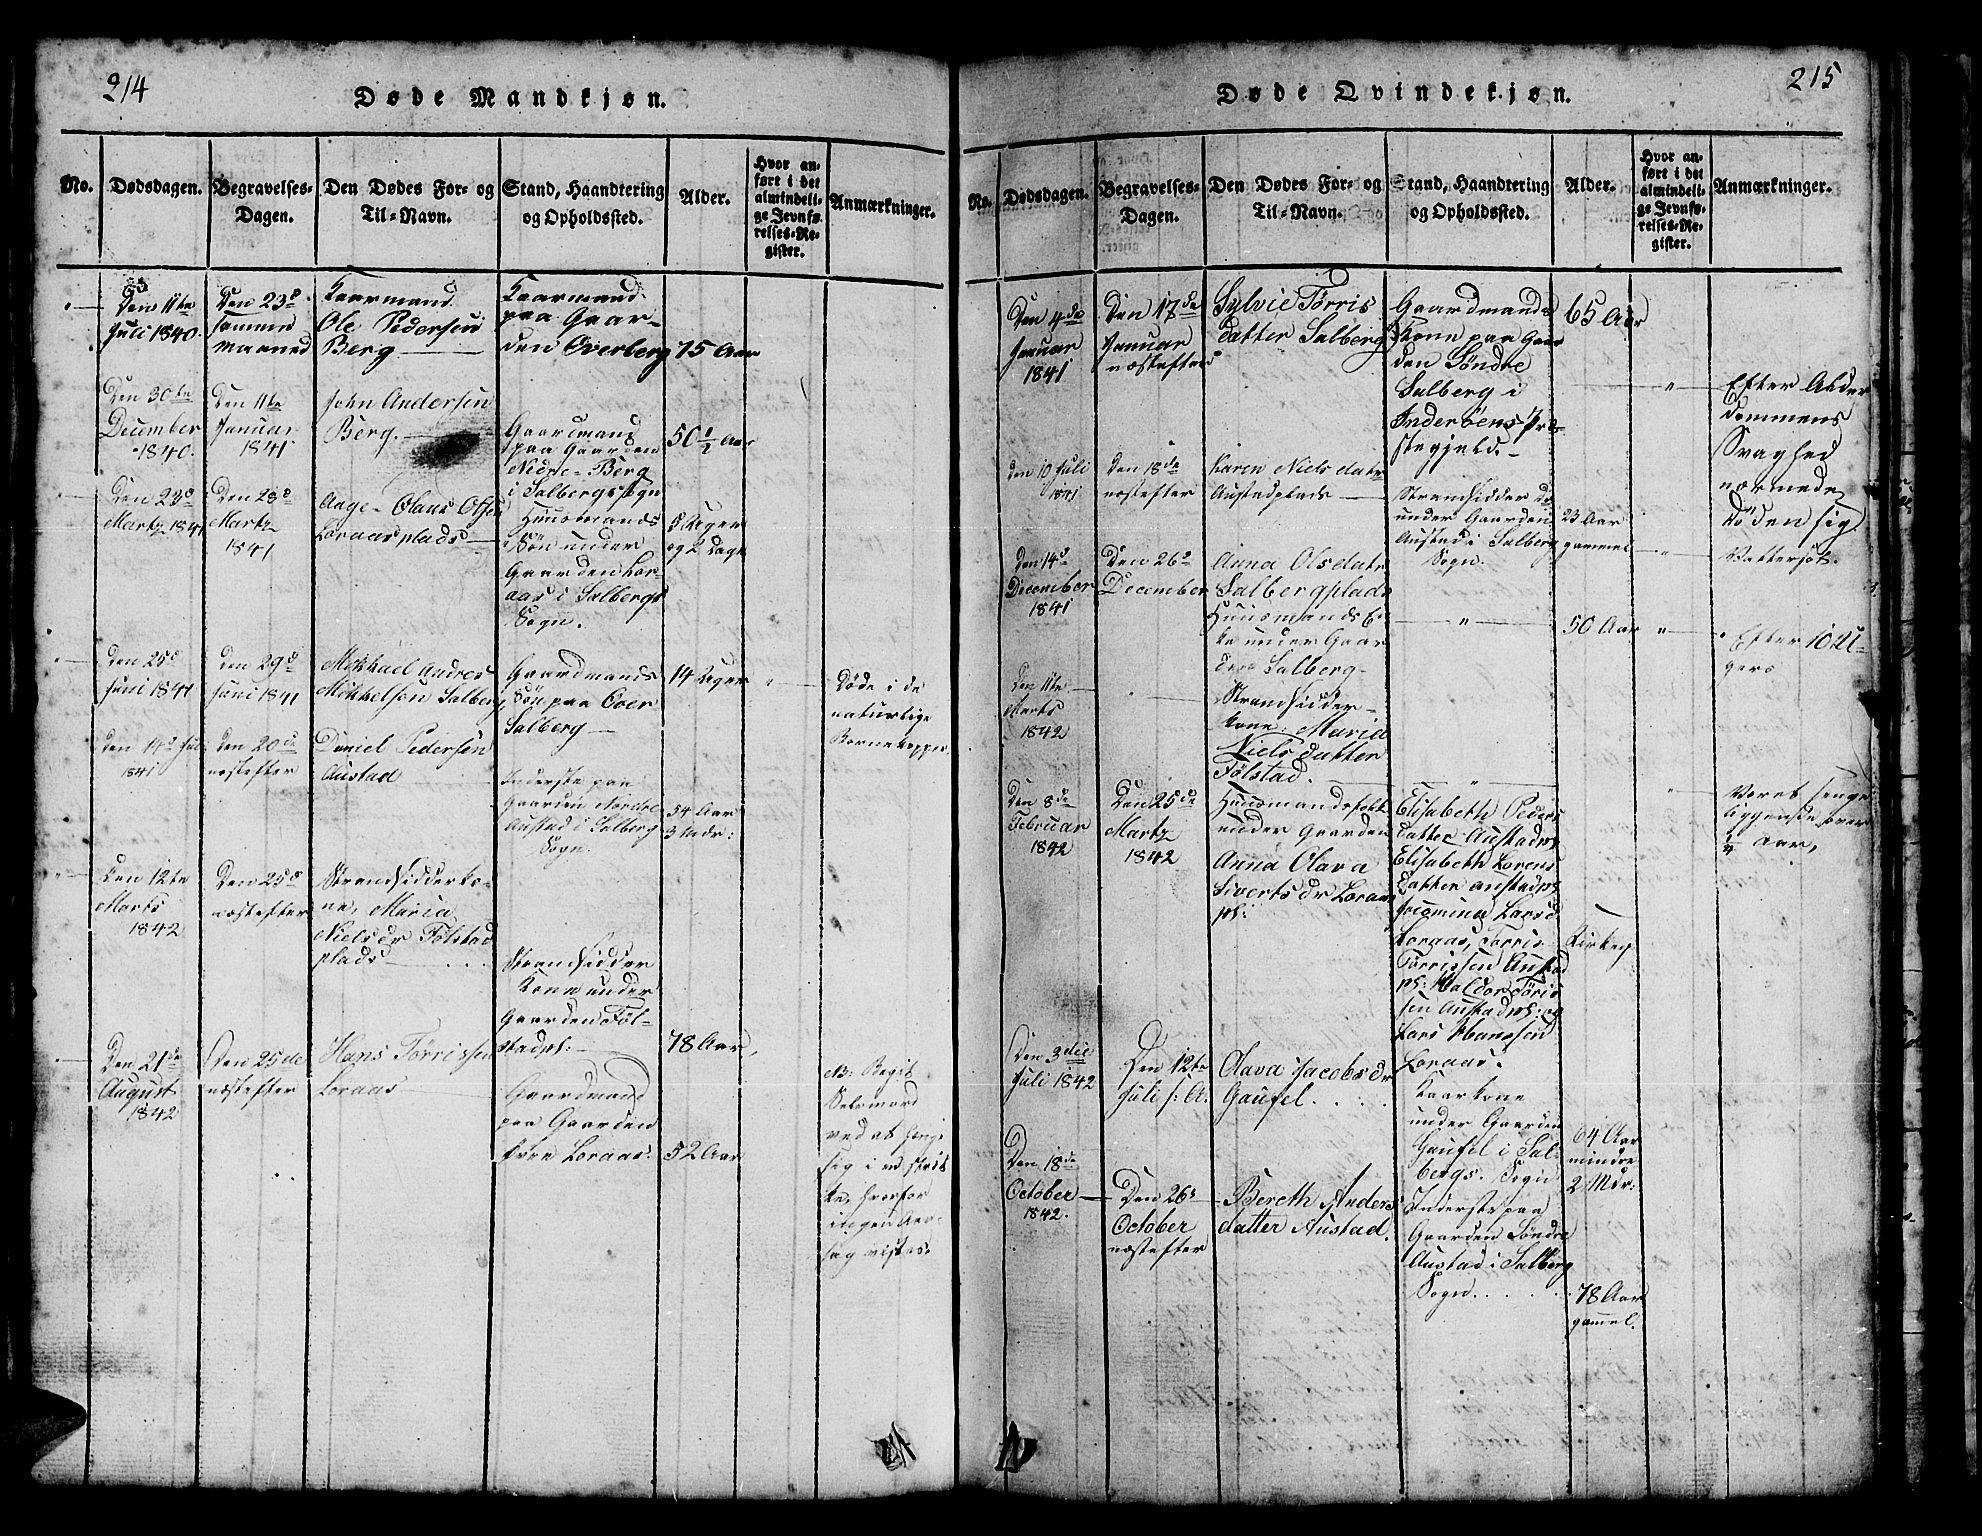 SAT, Ministerialprotokoller, klokkerbøker og fødselsregistre - Nord-Trøndelag, 731/L0310: Klokkerbok nr. 731C01, 1816-1874, s. 214-215